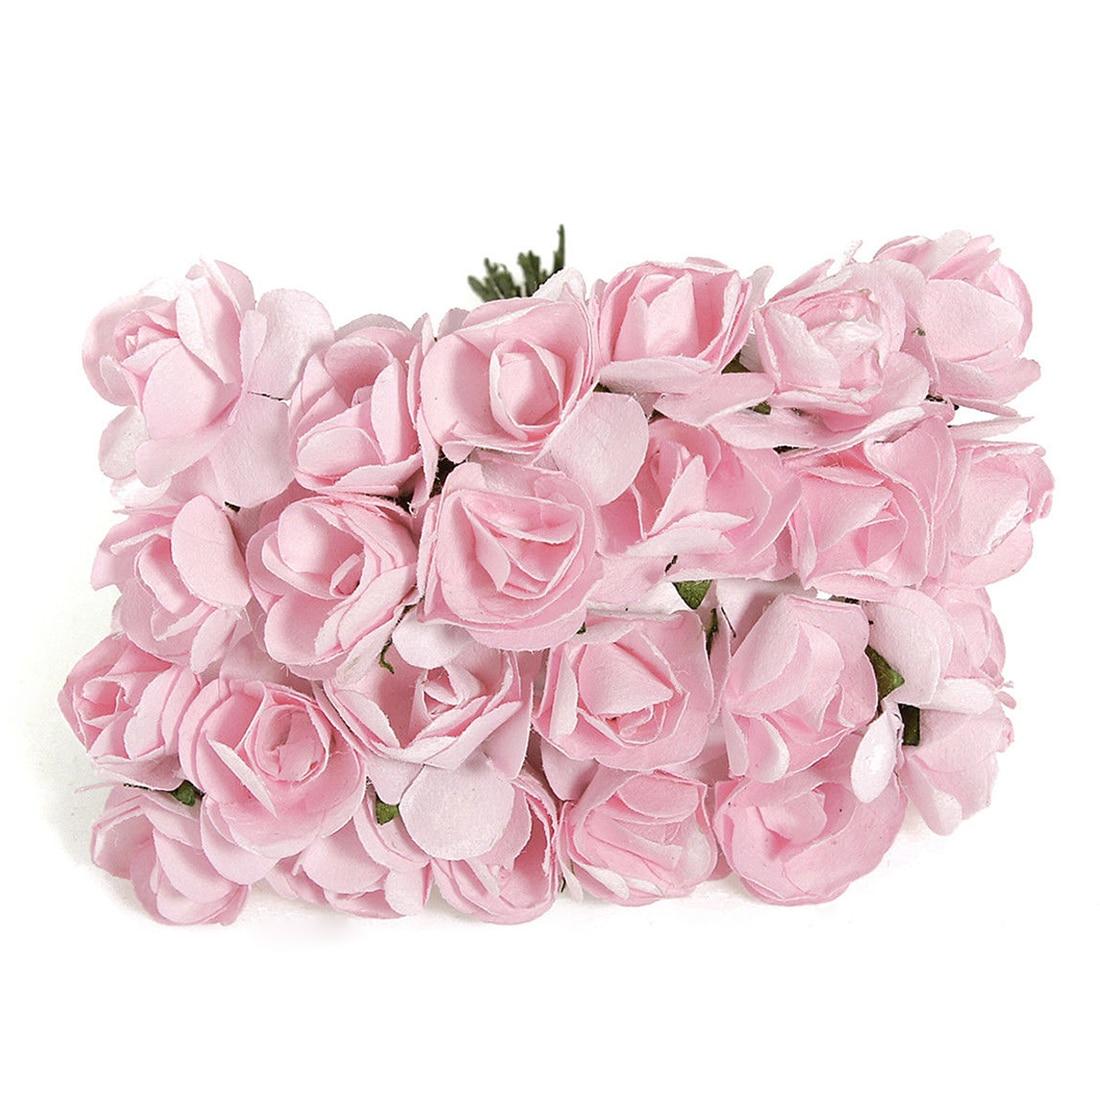 144 unids mini pequeño artificial rose buds flores de papel diy craft decoración